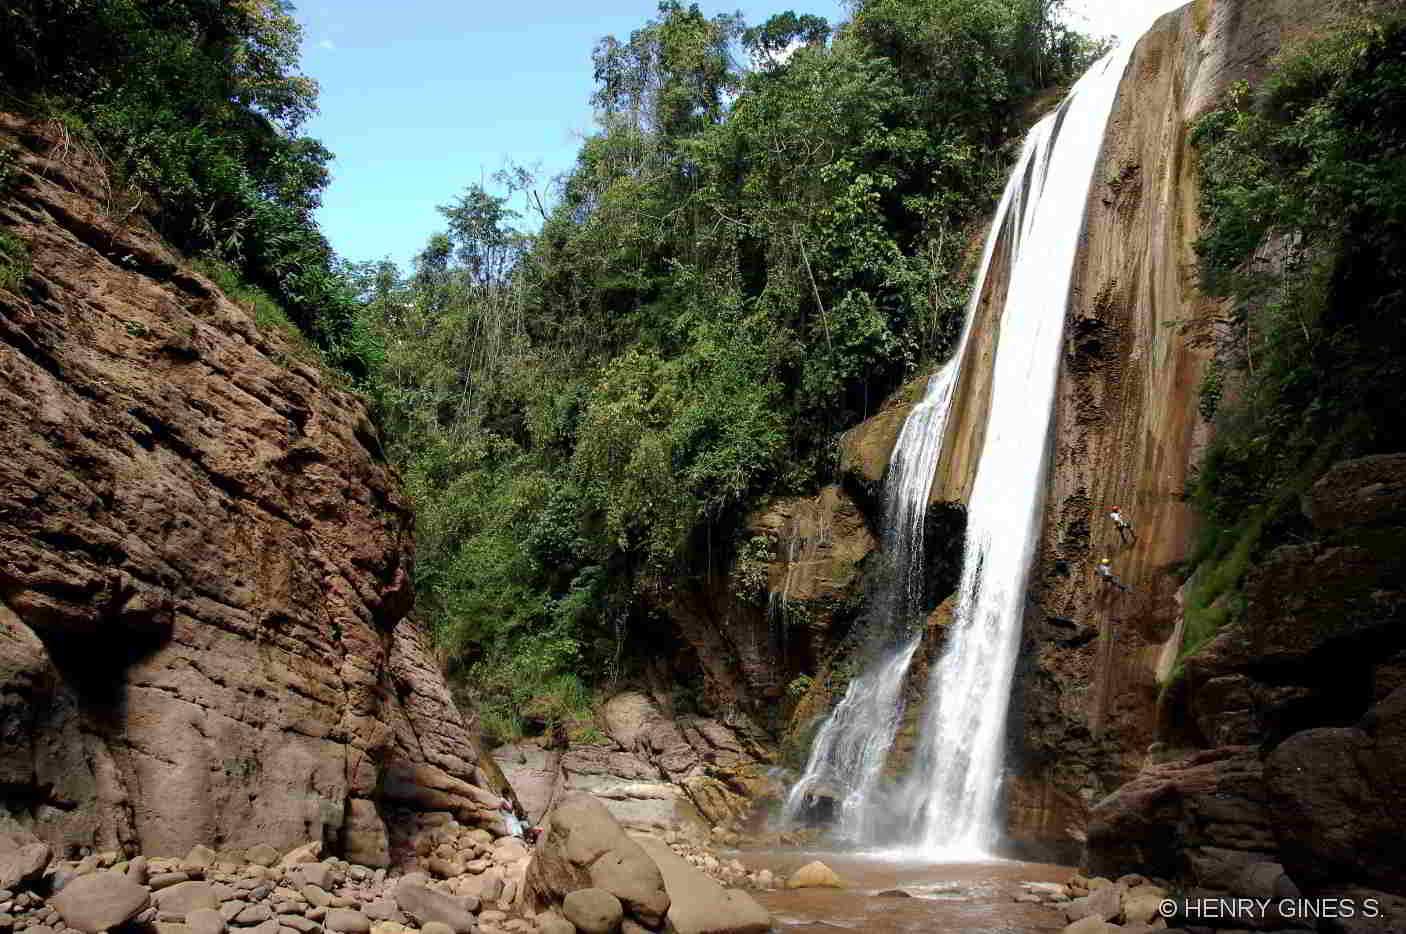 Paquete de Viaje: SAN RAMON – LA MERCED - PERENÉ - OXAPAMPA – LAS REYNAS en 4 dias y 3 noches